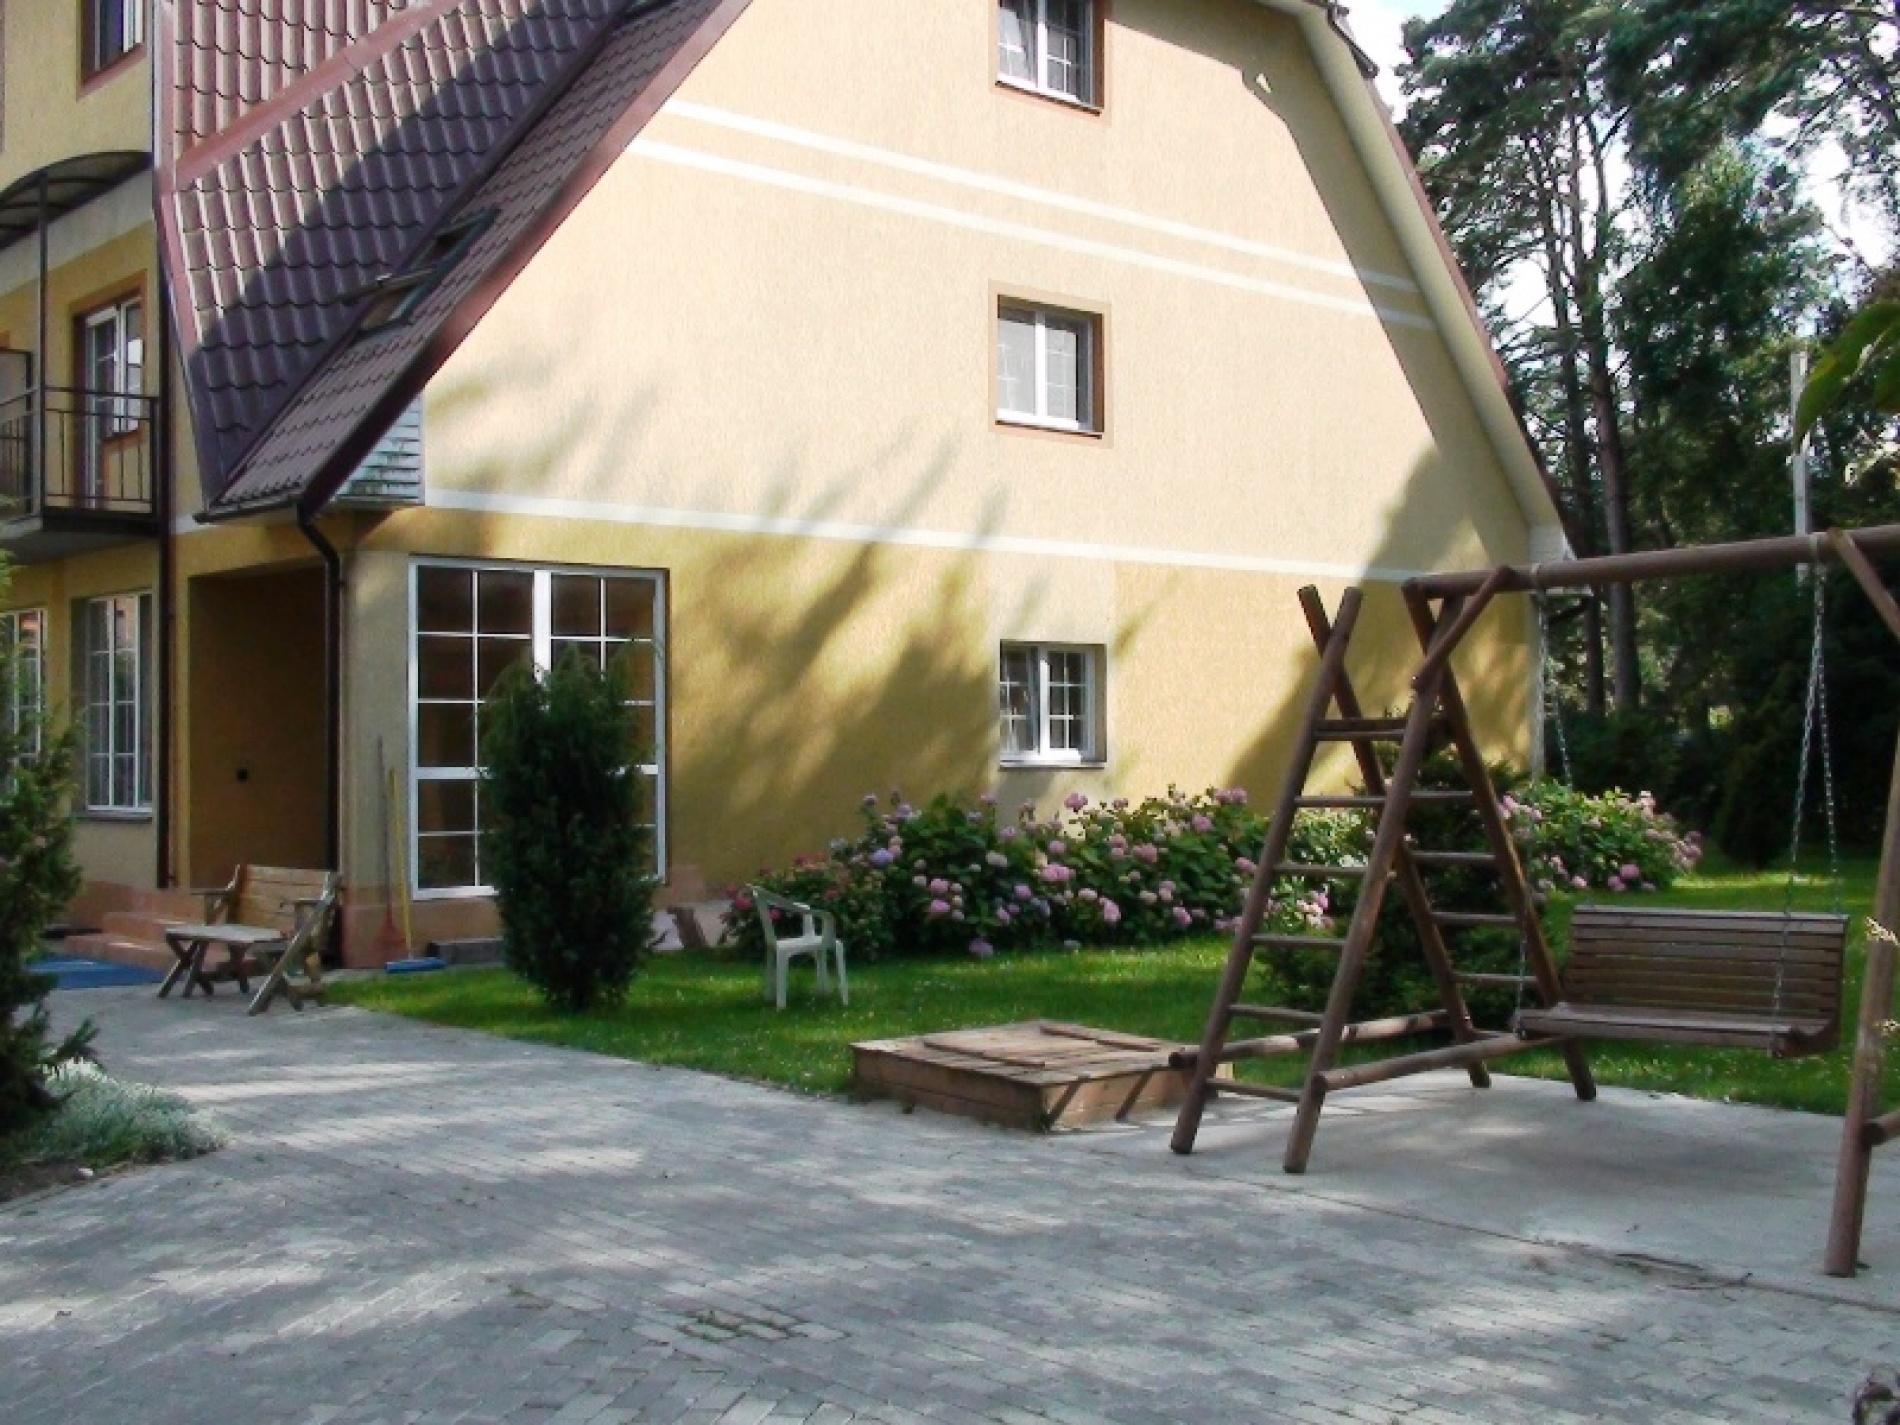 Гостевой дом «Понарт» Калининградская область, фото 5